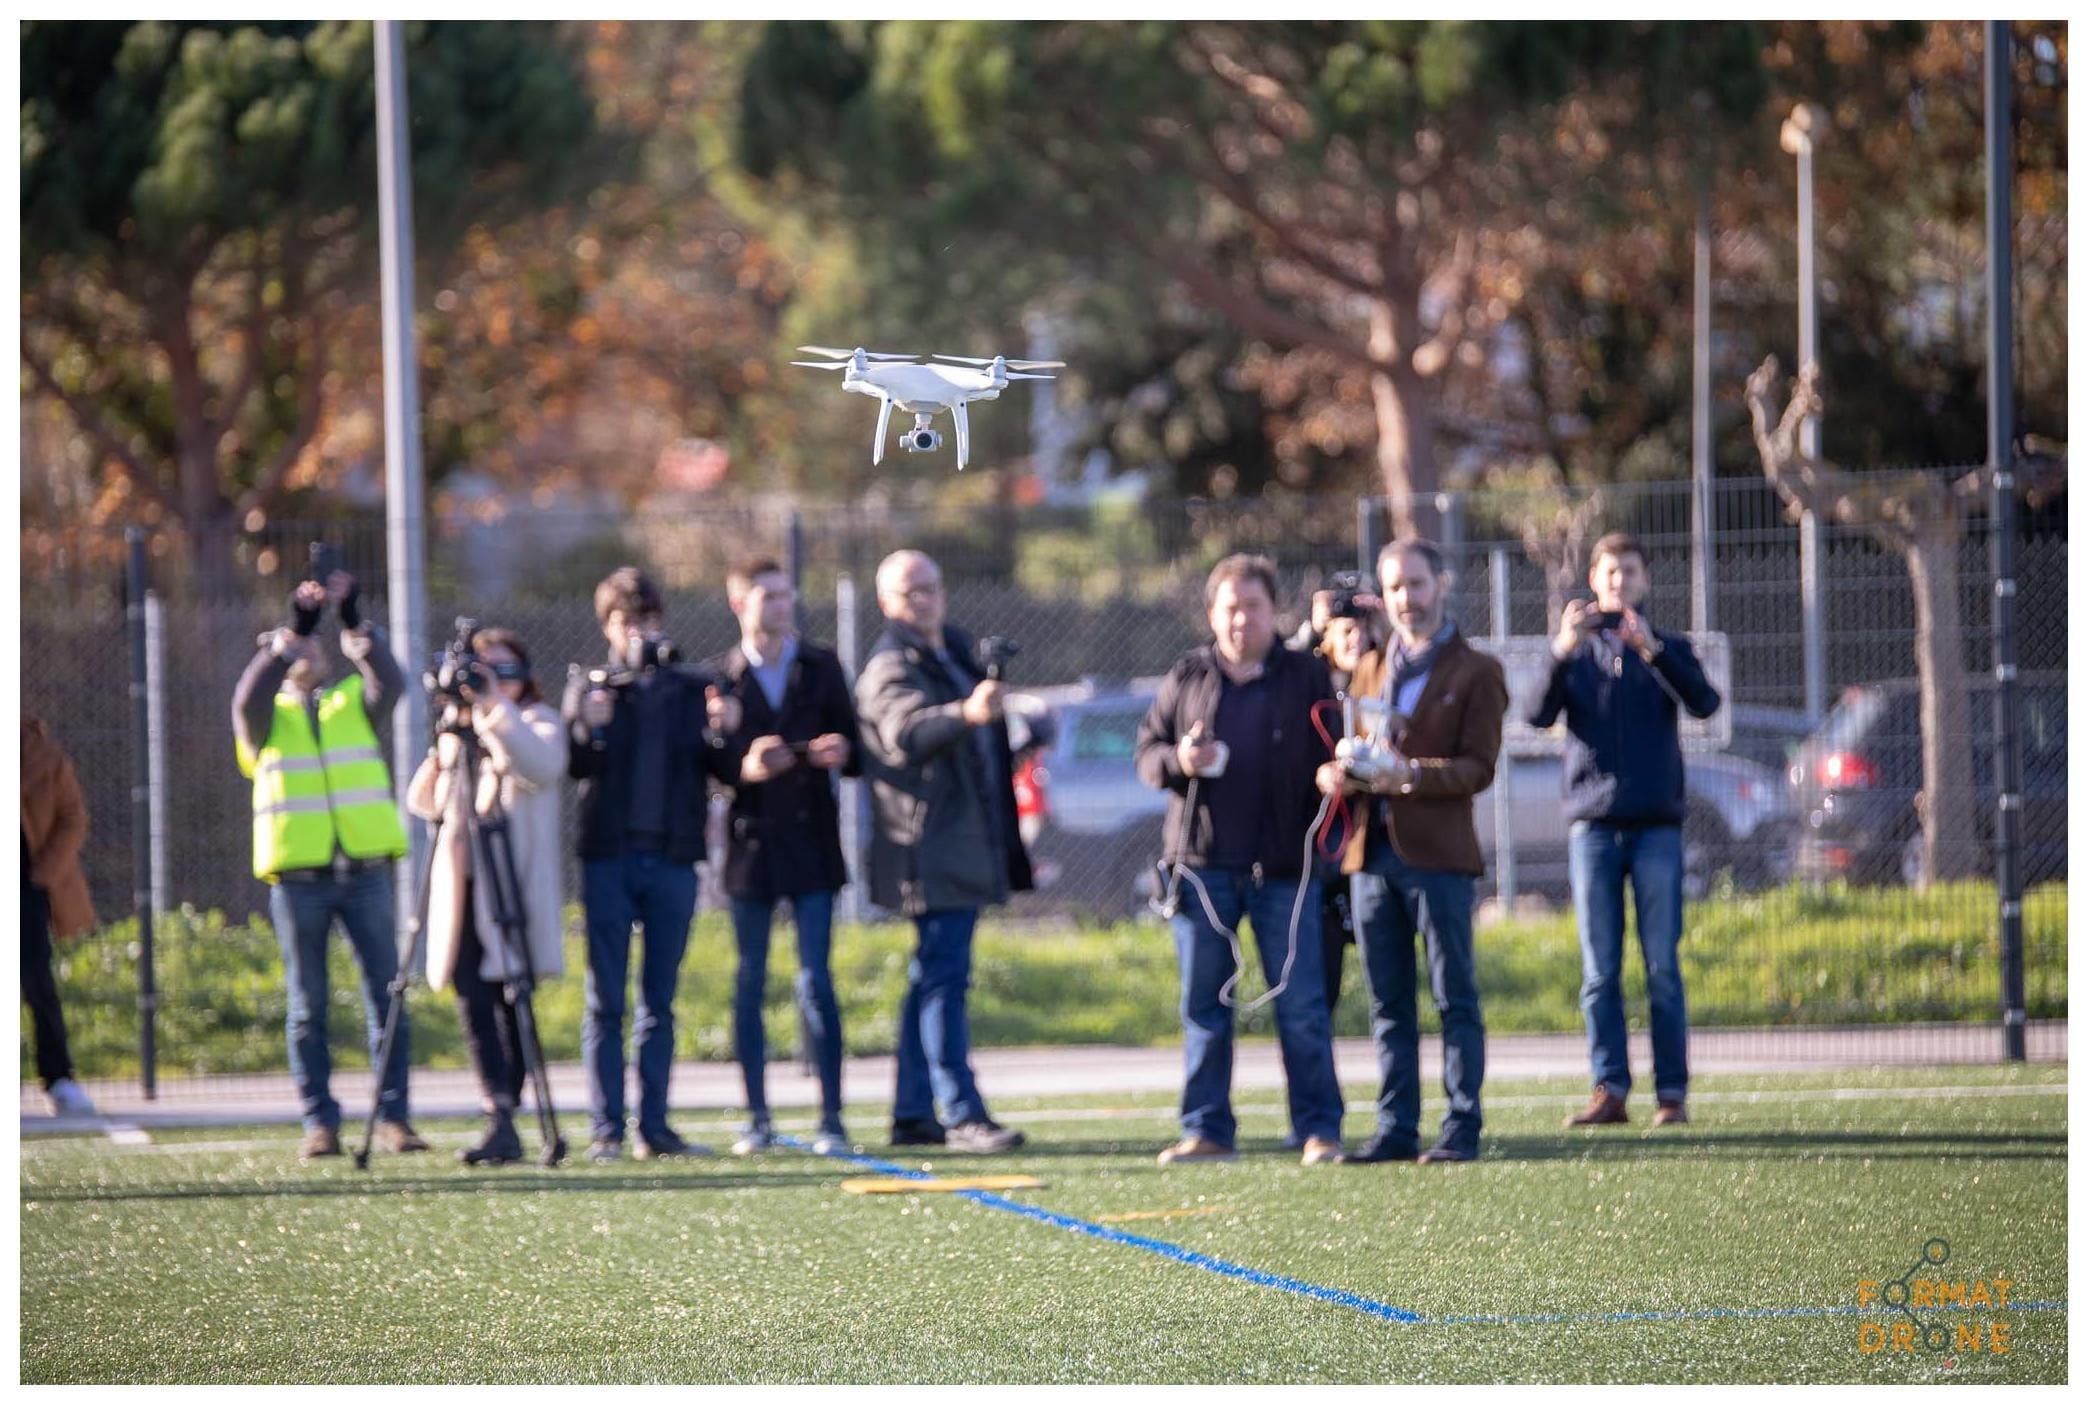 des personnes filment un drone volé